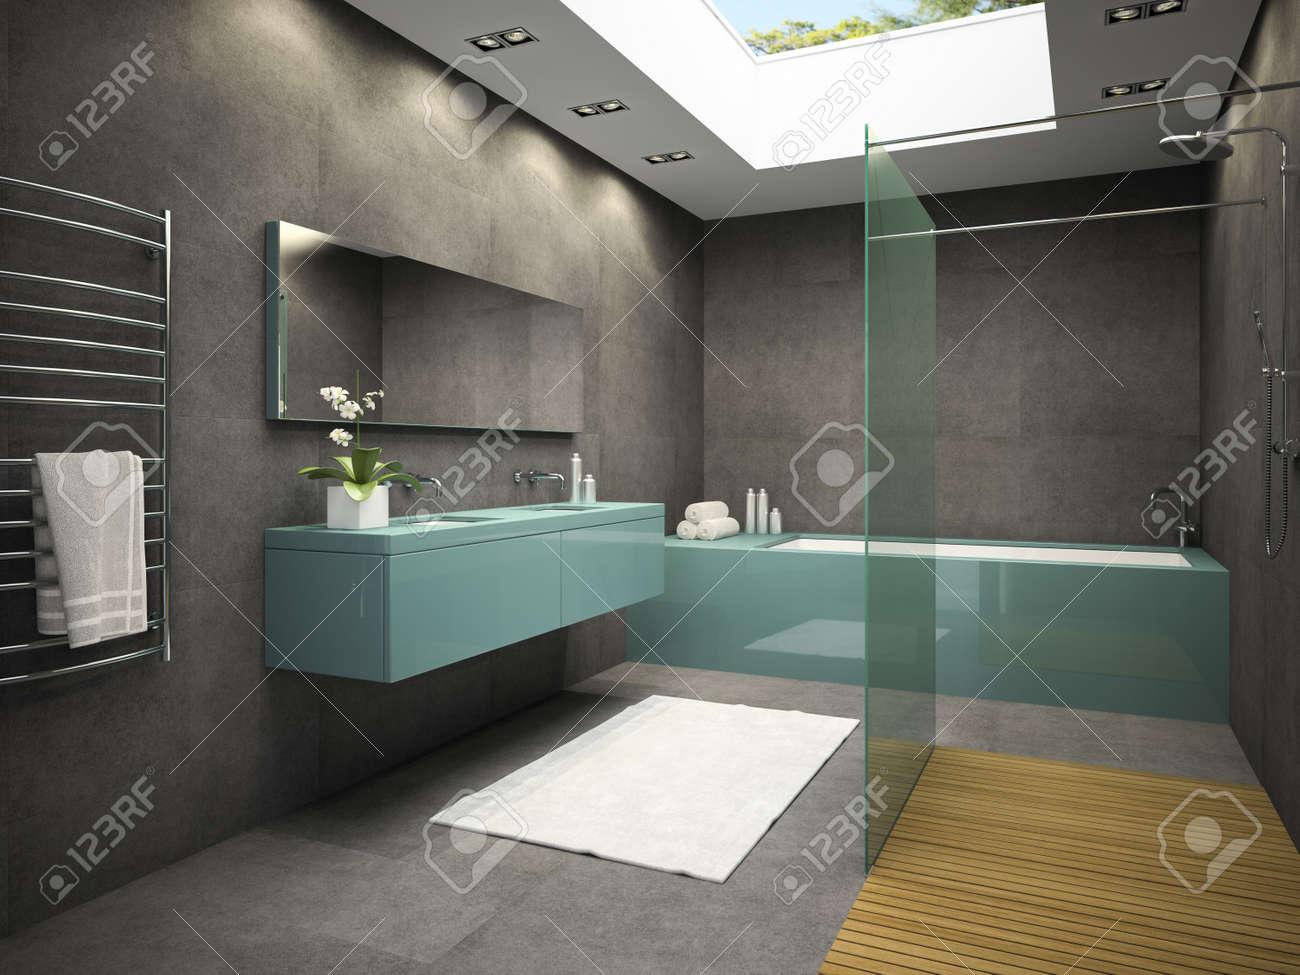 Fenetre Salle De Bain intérieur de salle de bains avec fenêtre de plafond rendu 3d